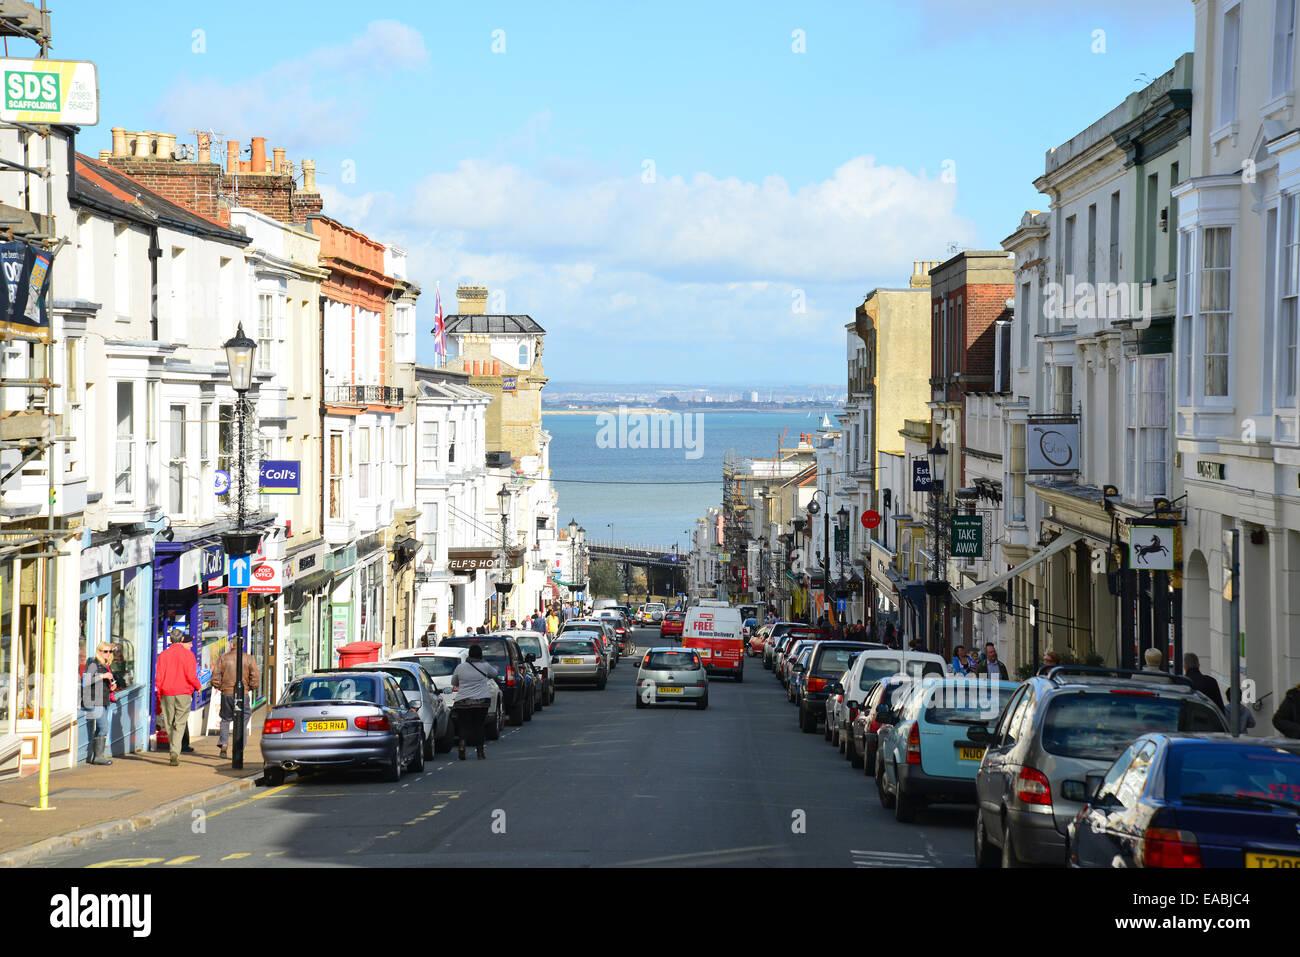 Union Street, Ryde, Isle of Wight, England, United Kingdom - Stock Image